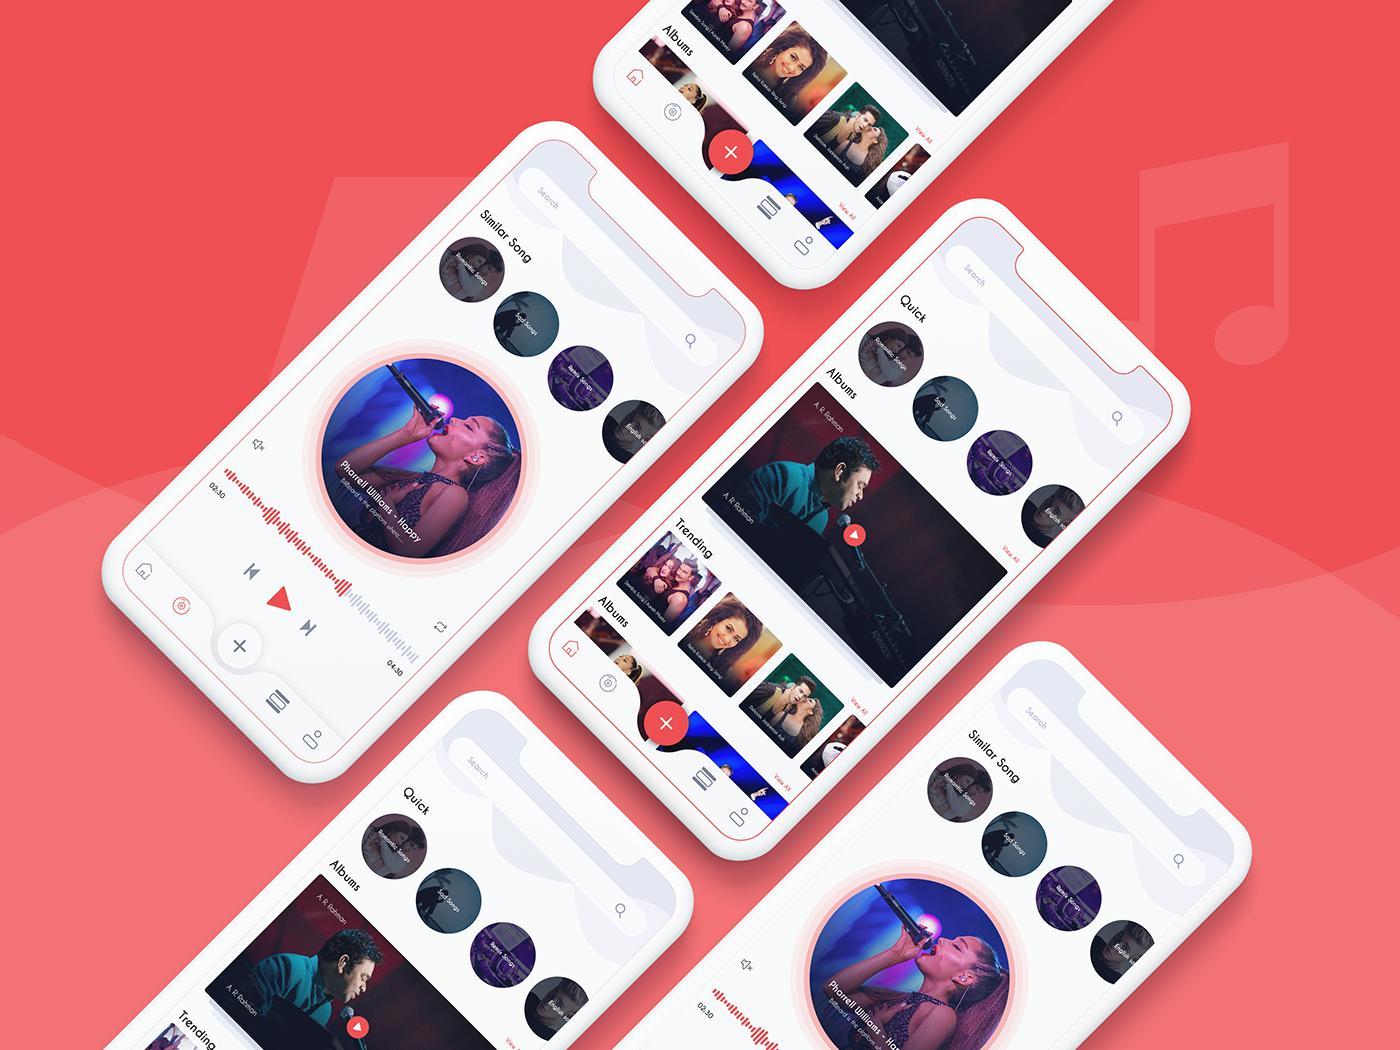 Music_UI Design